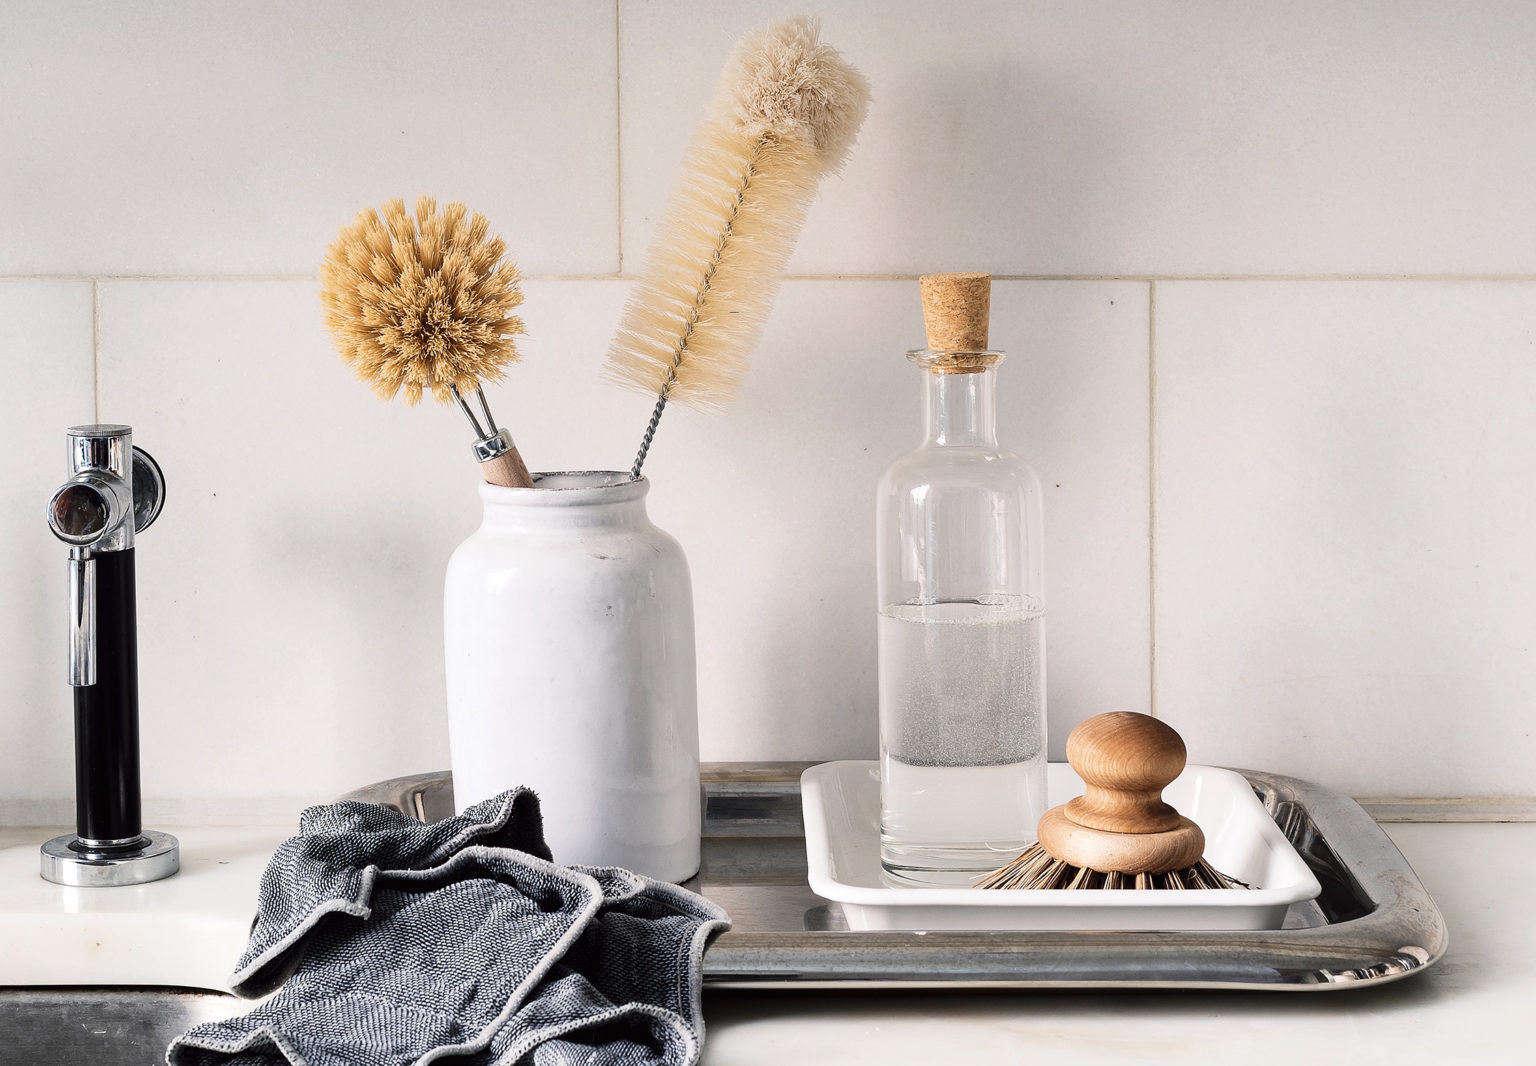 organized home book sink detail matthew williams crop